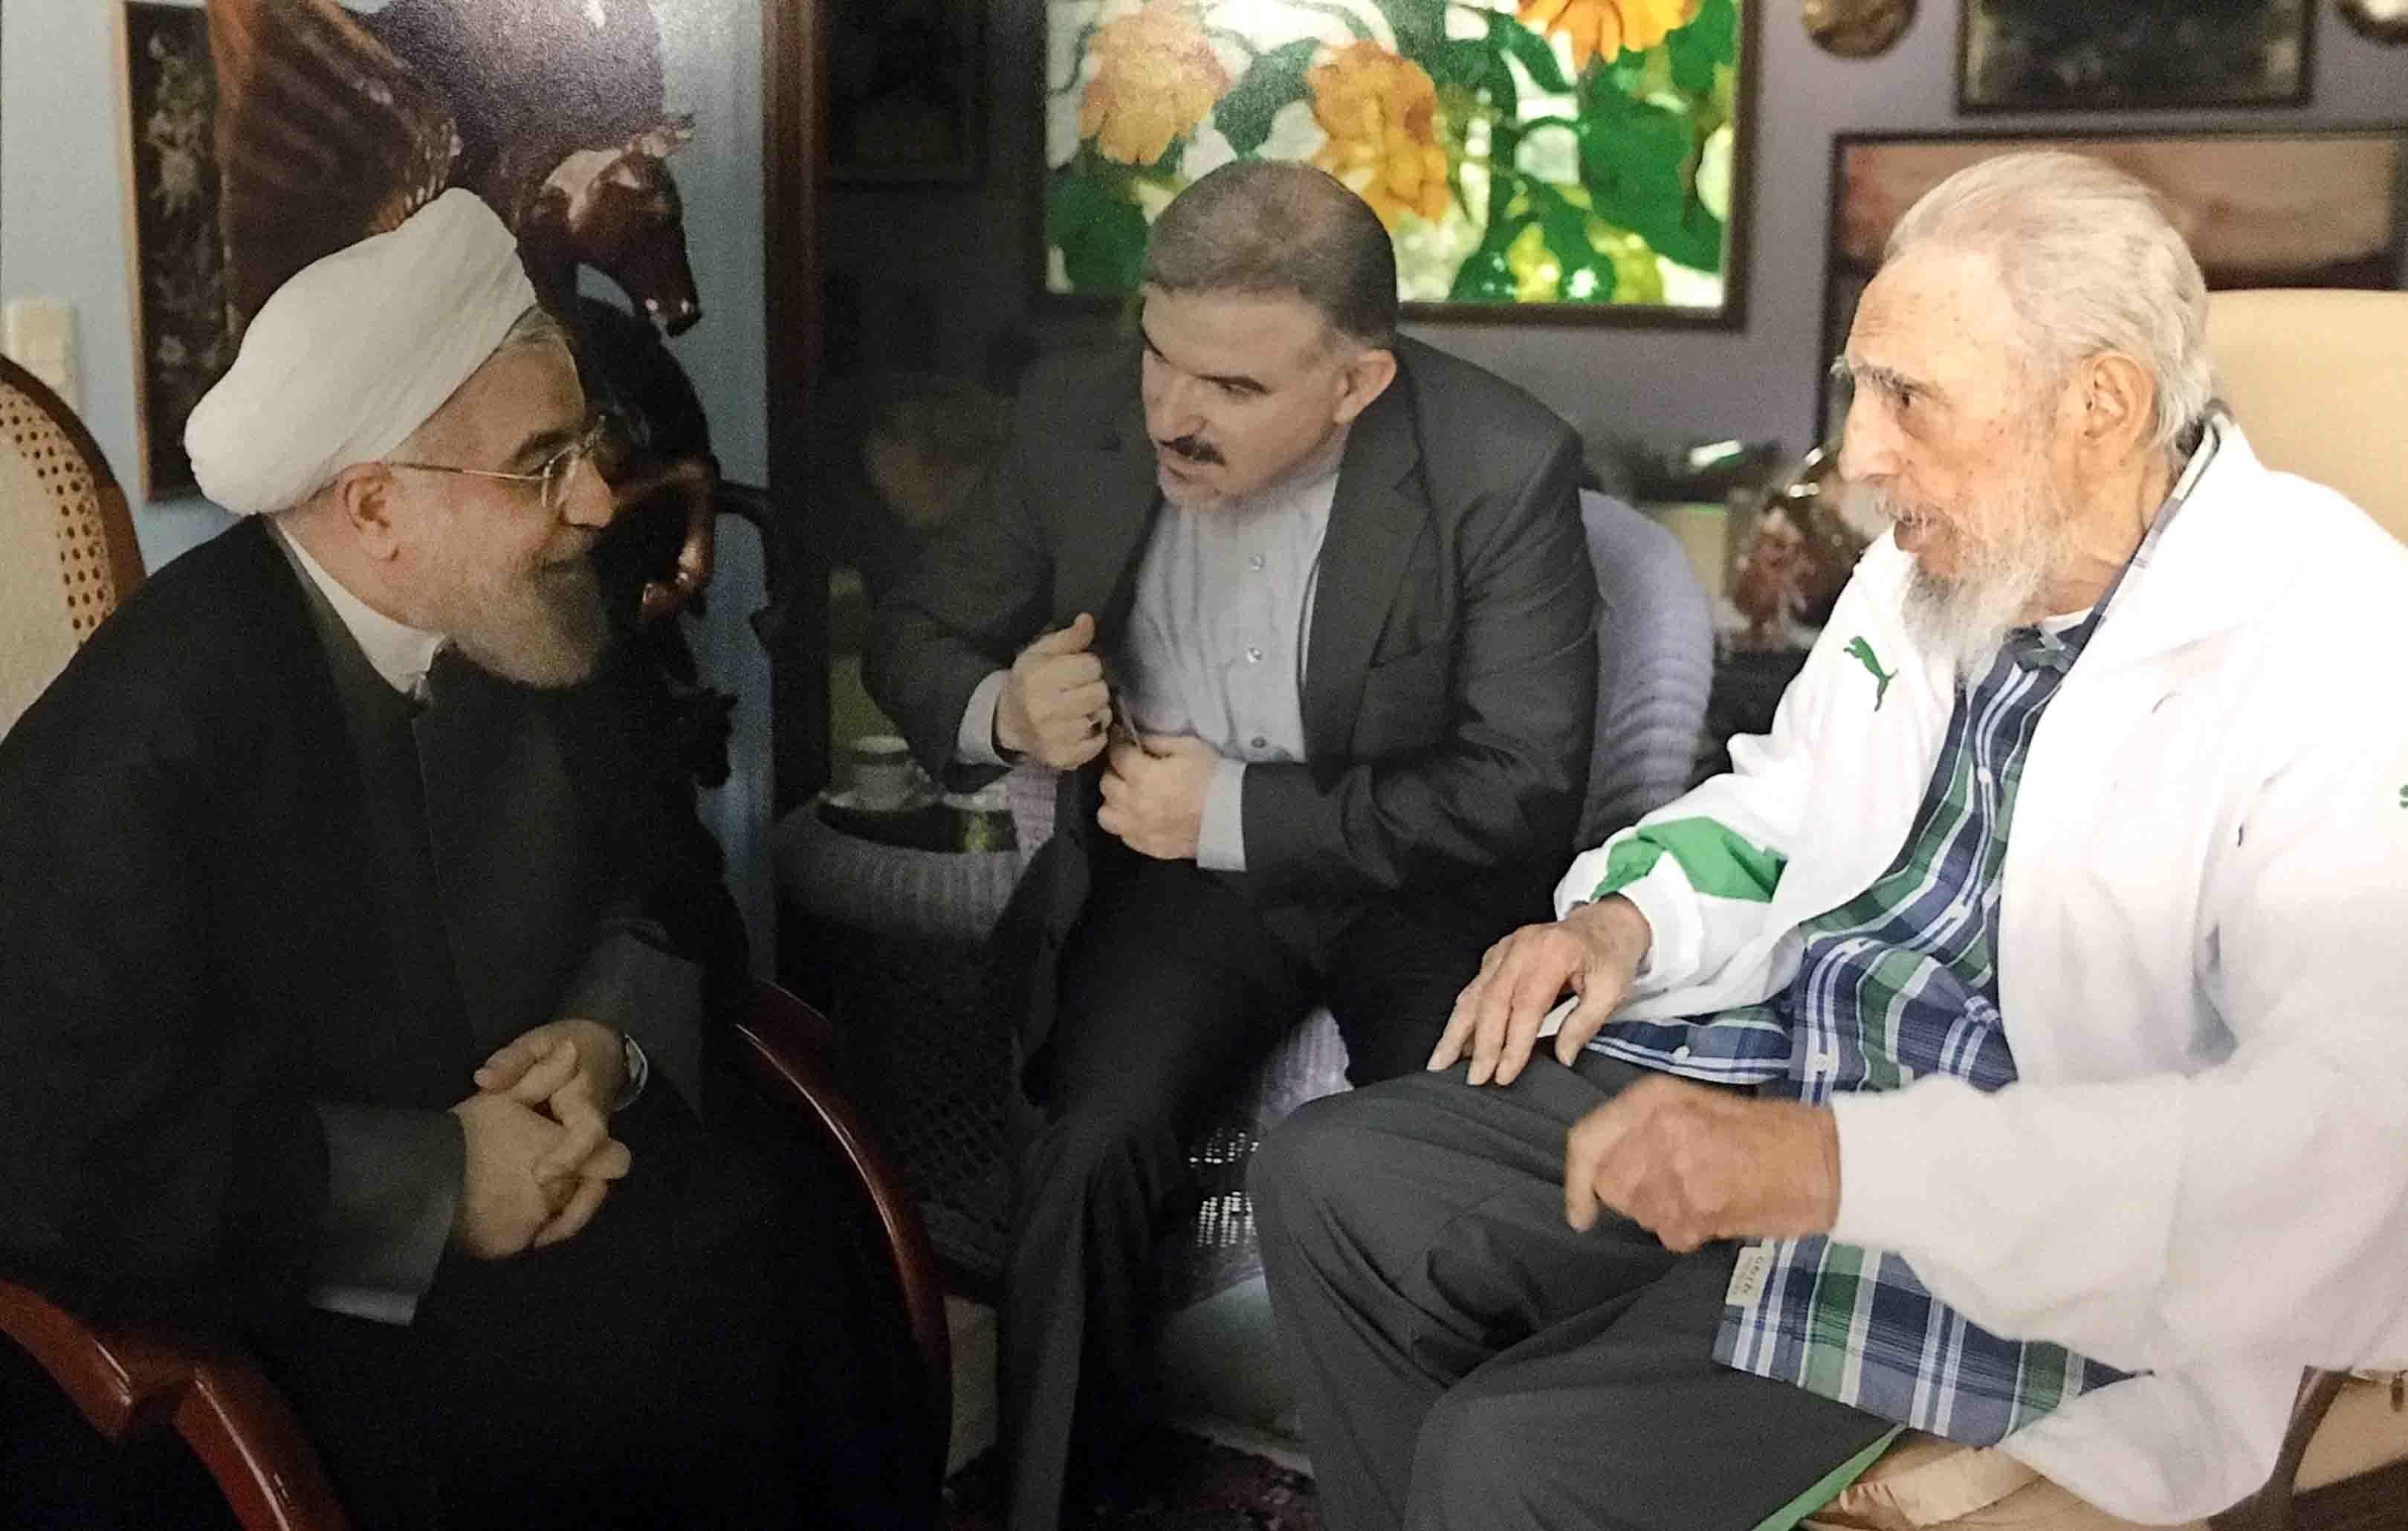 روحانی: کشورهای مستقل و مقاوم باید در کنار هم باشند